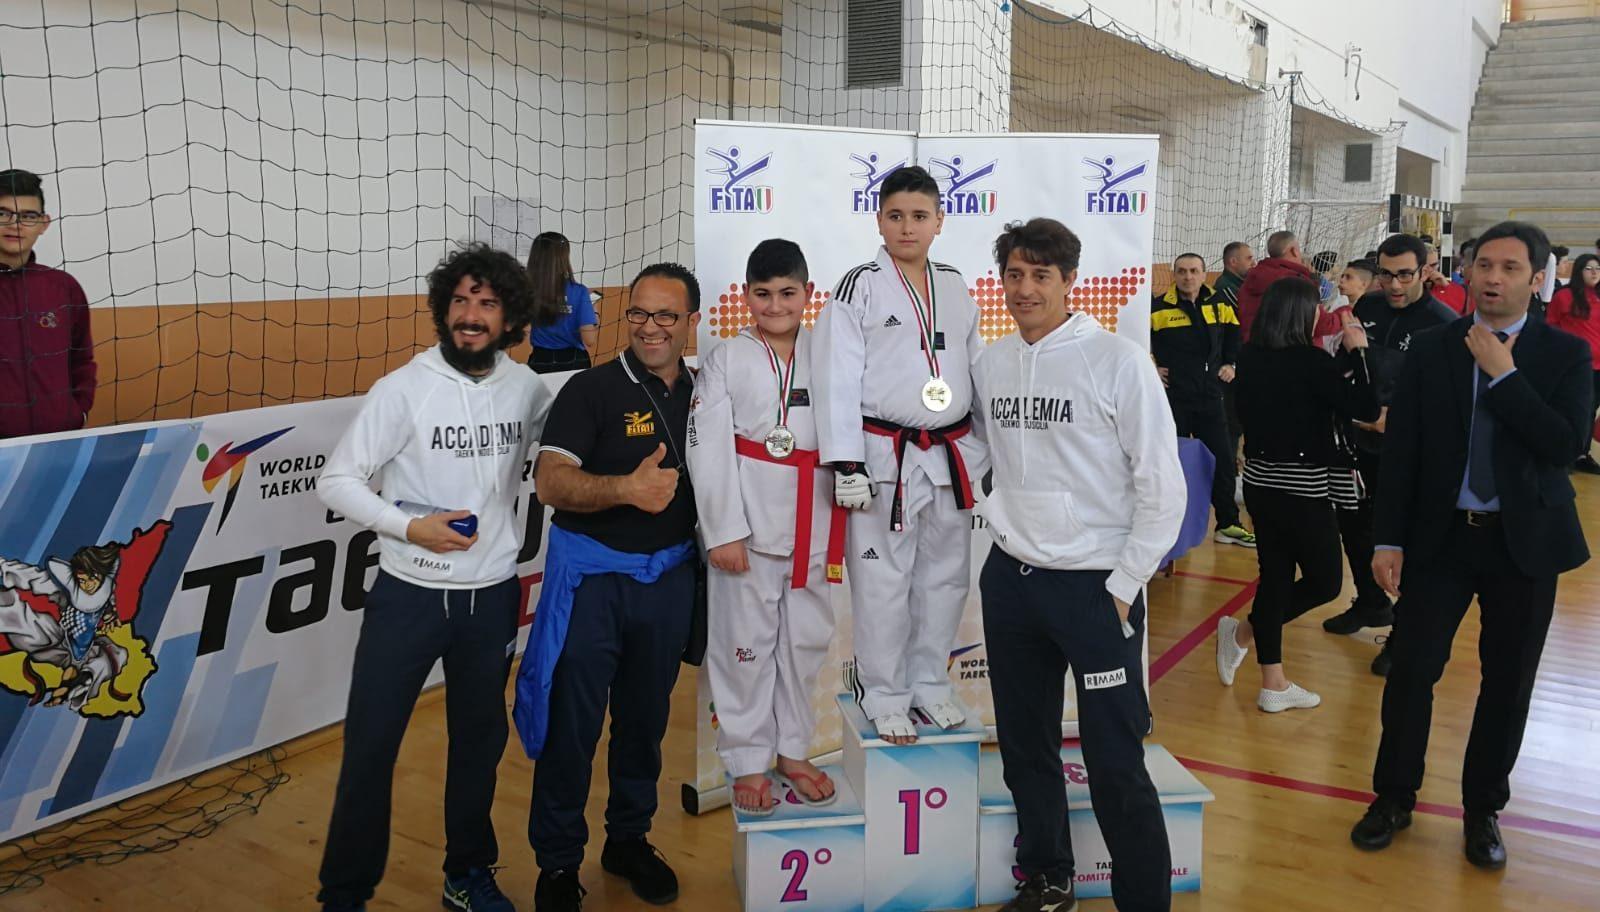 Collezione di medaglie: la Taekwondo Kamarina sbanca Bagheria